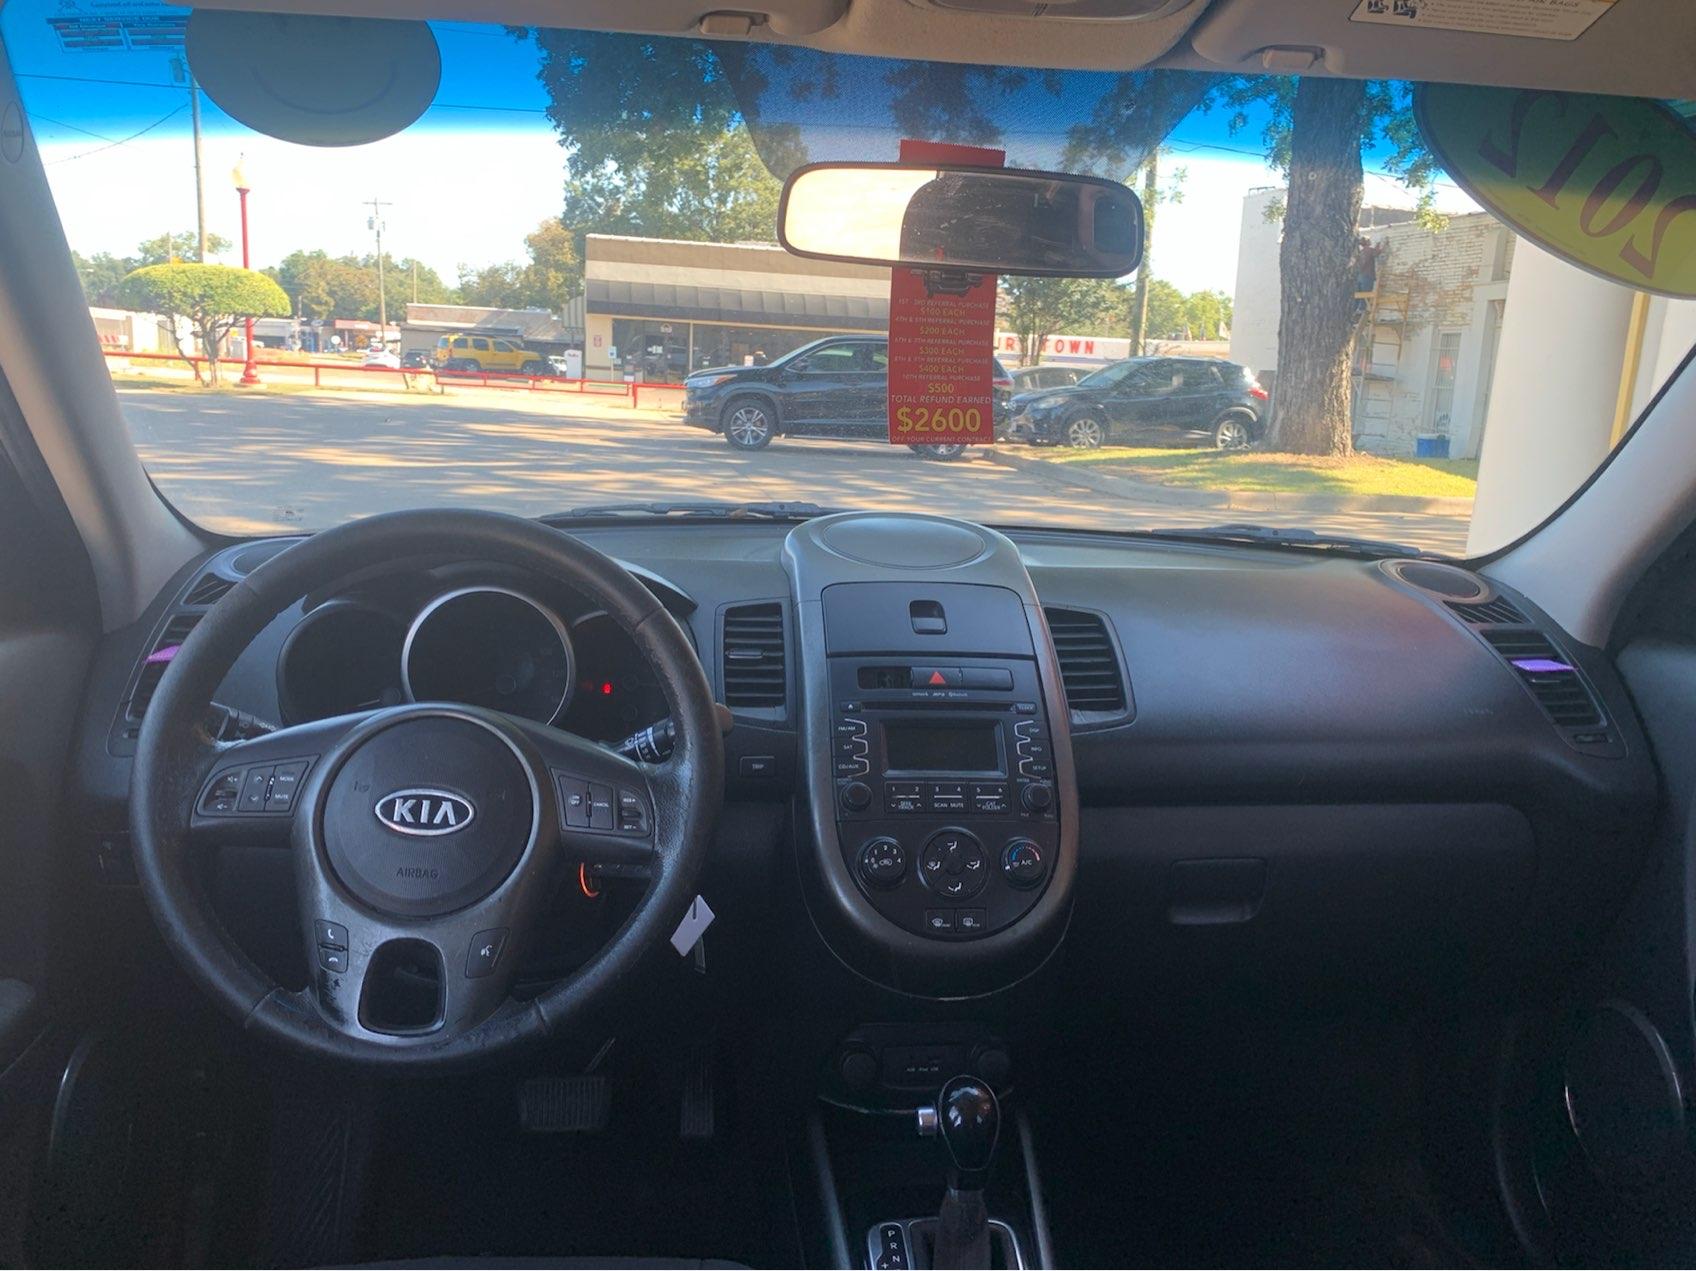 used vehicle - Sedan KIA SOUL 2012